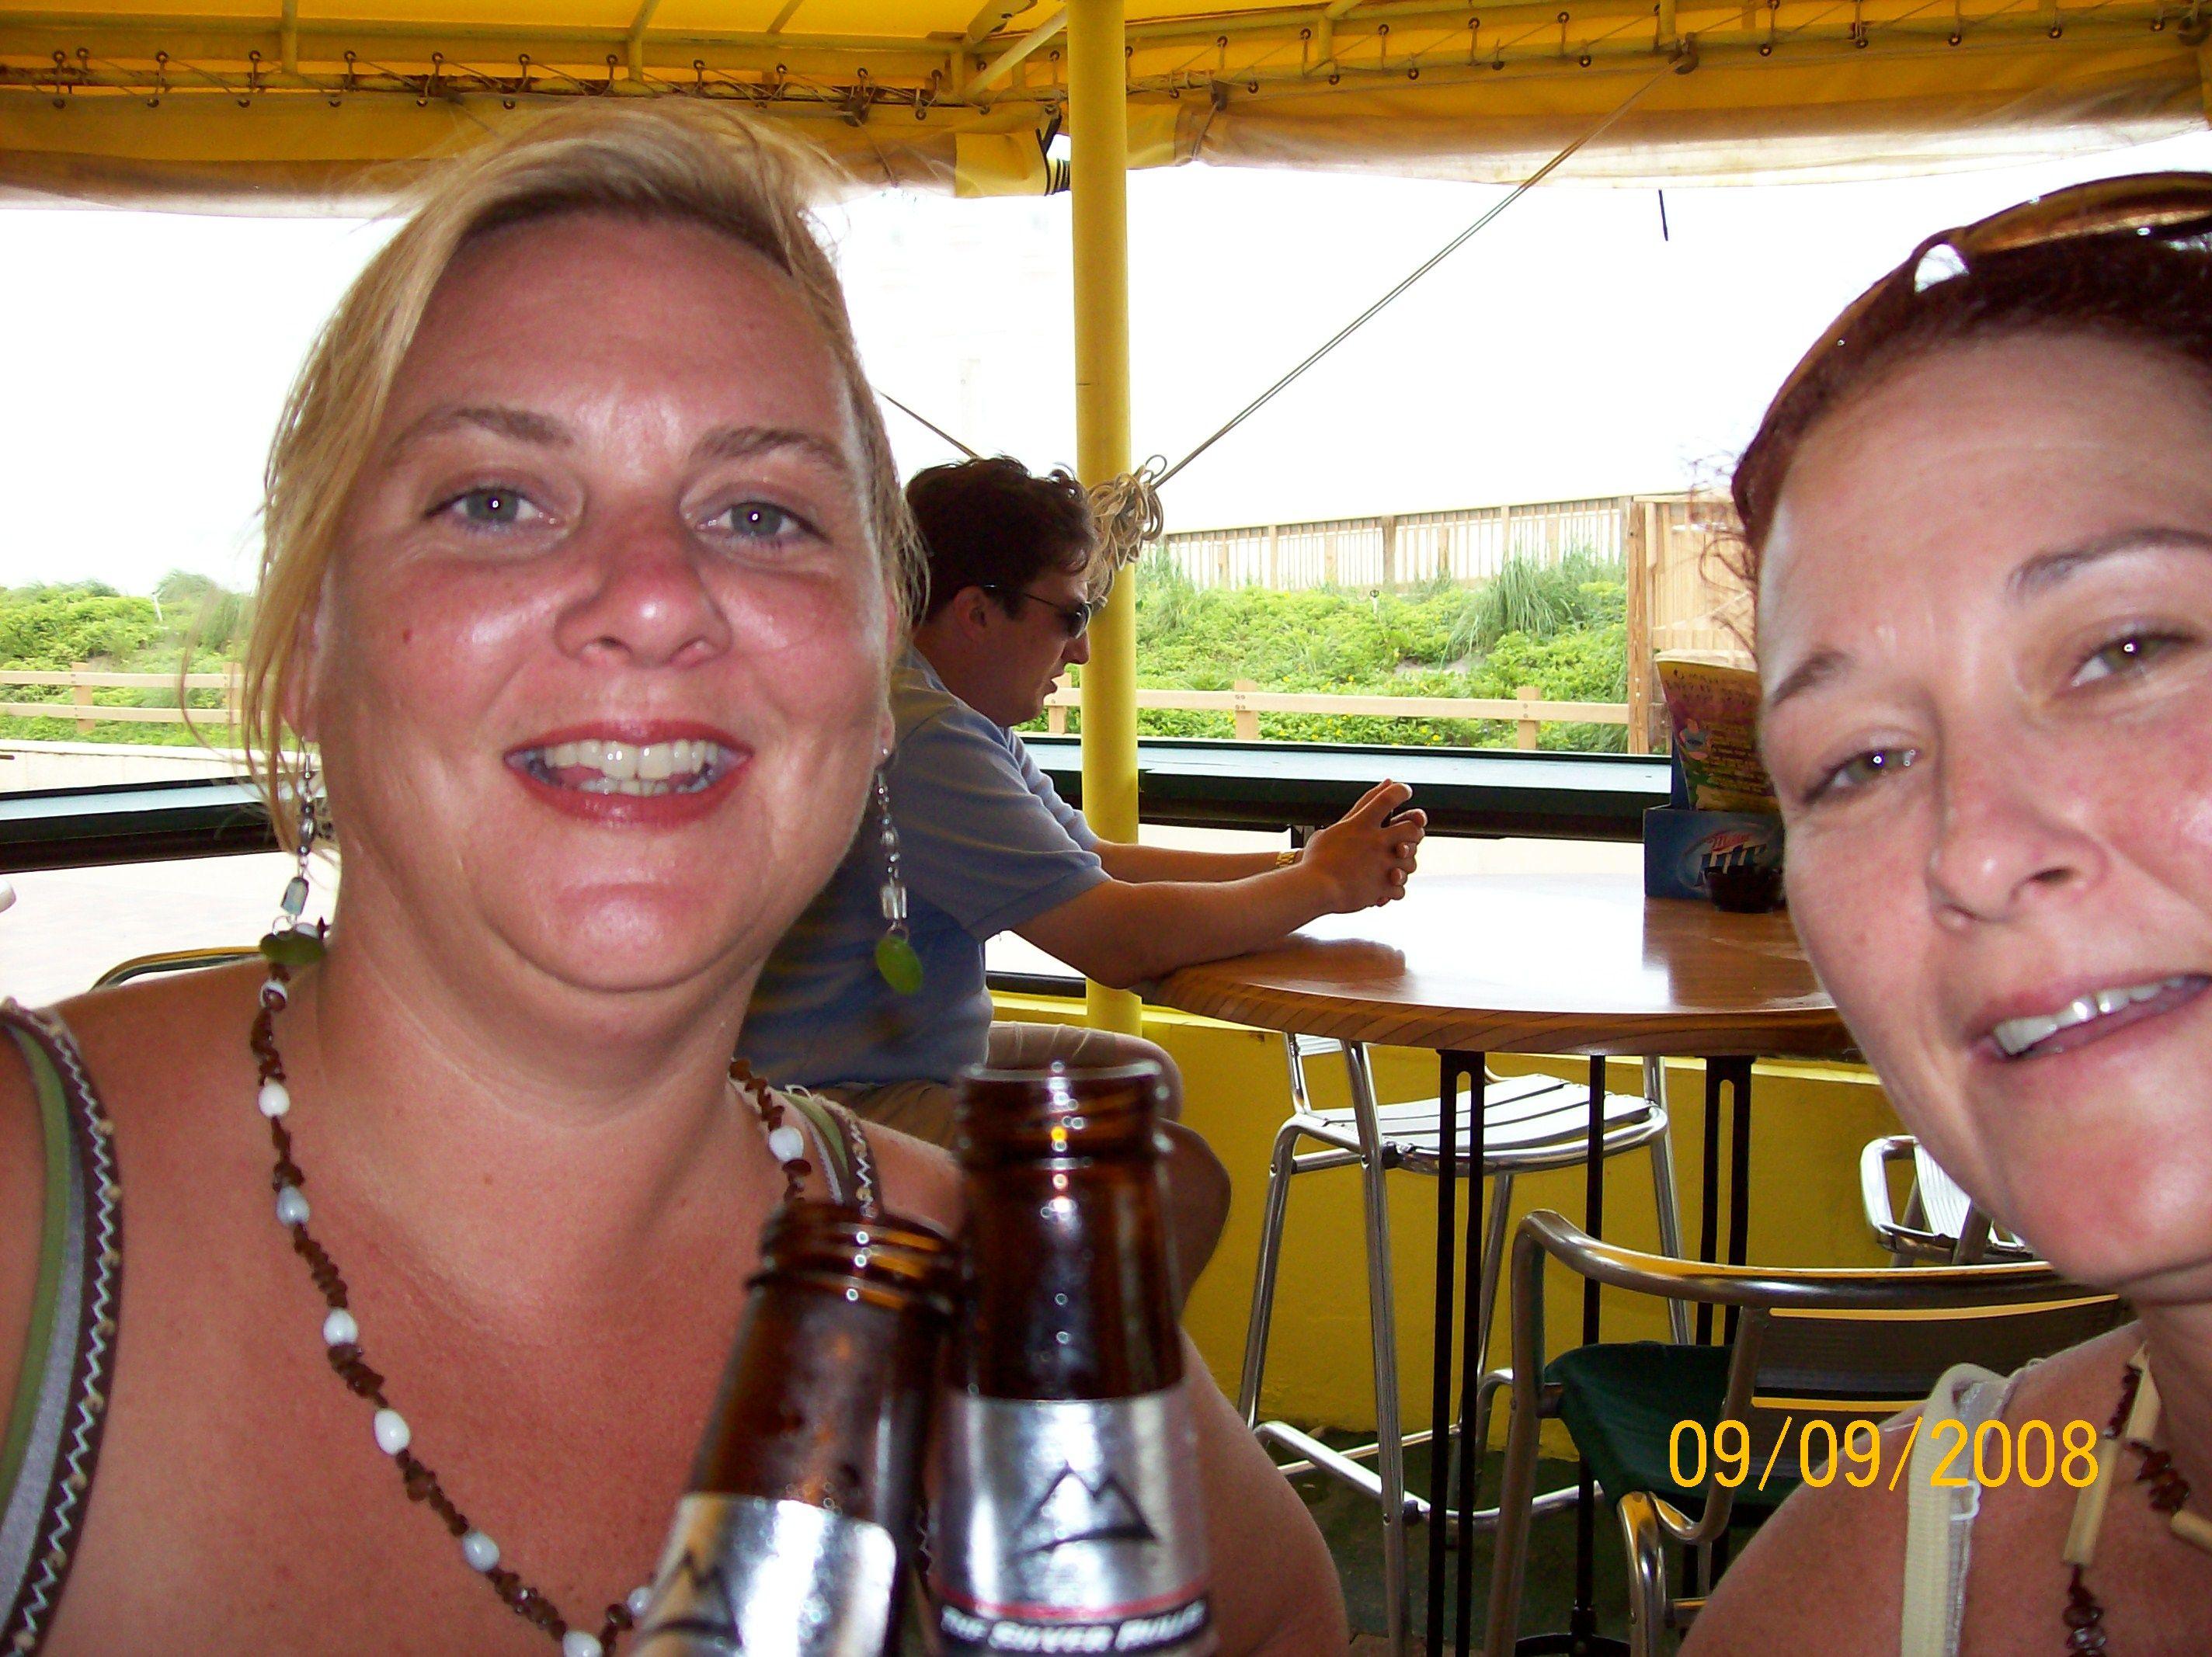 Cheers 'n' Beers in Florida